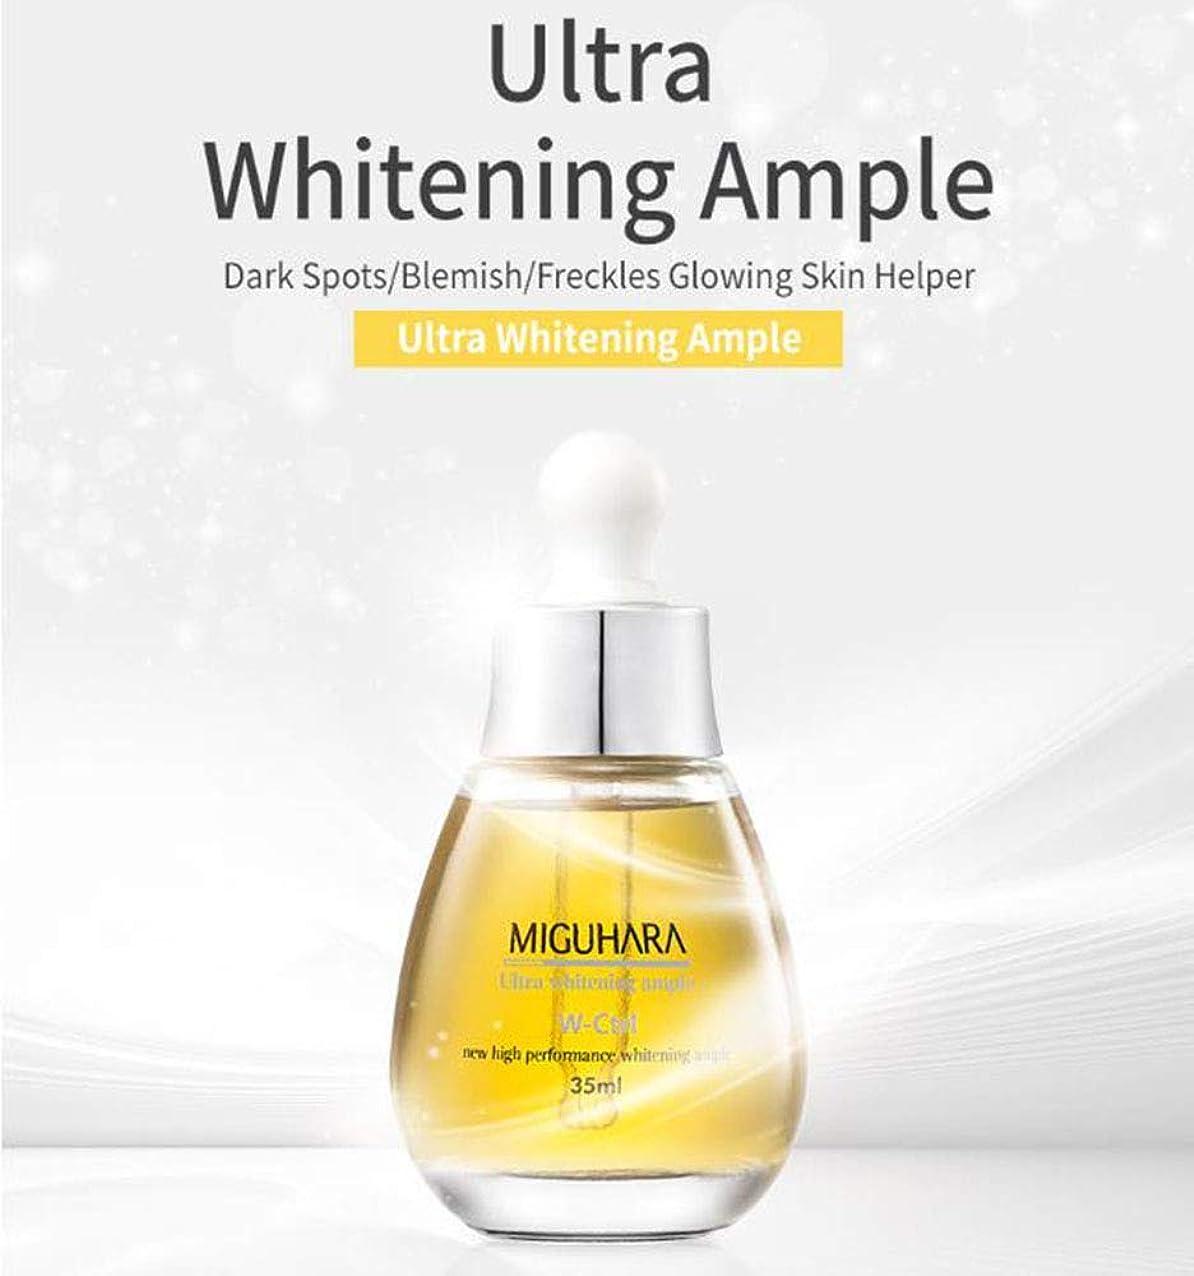 レビューしっとり唇MIGUHARA ミグハラ アンプル ULTRA WHITENING AMPLE 35ml/ウルトラホワイトニングアンプル 35ml